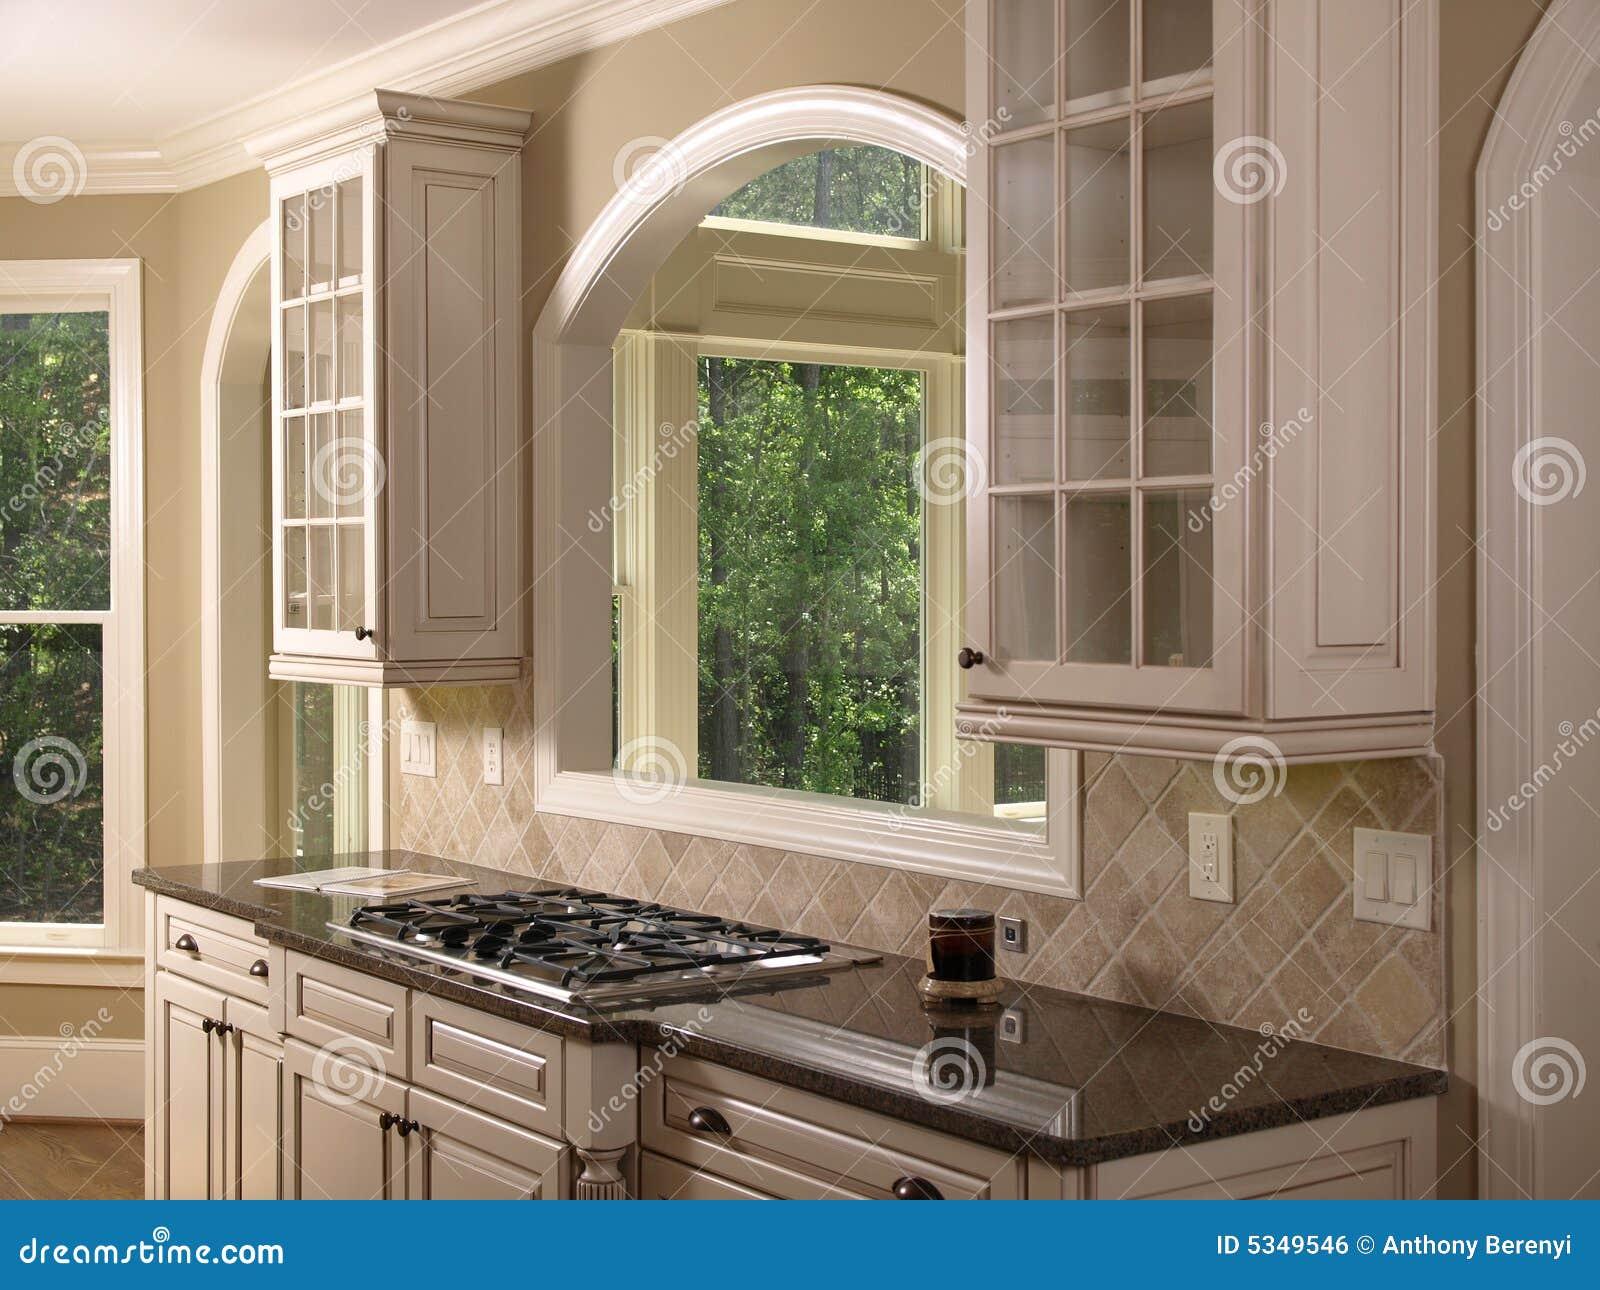 Cuisine blanche de luxe 2 de maison mod le image libre de droits image 5349546 for Modele de maison de luxe